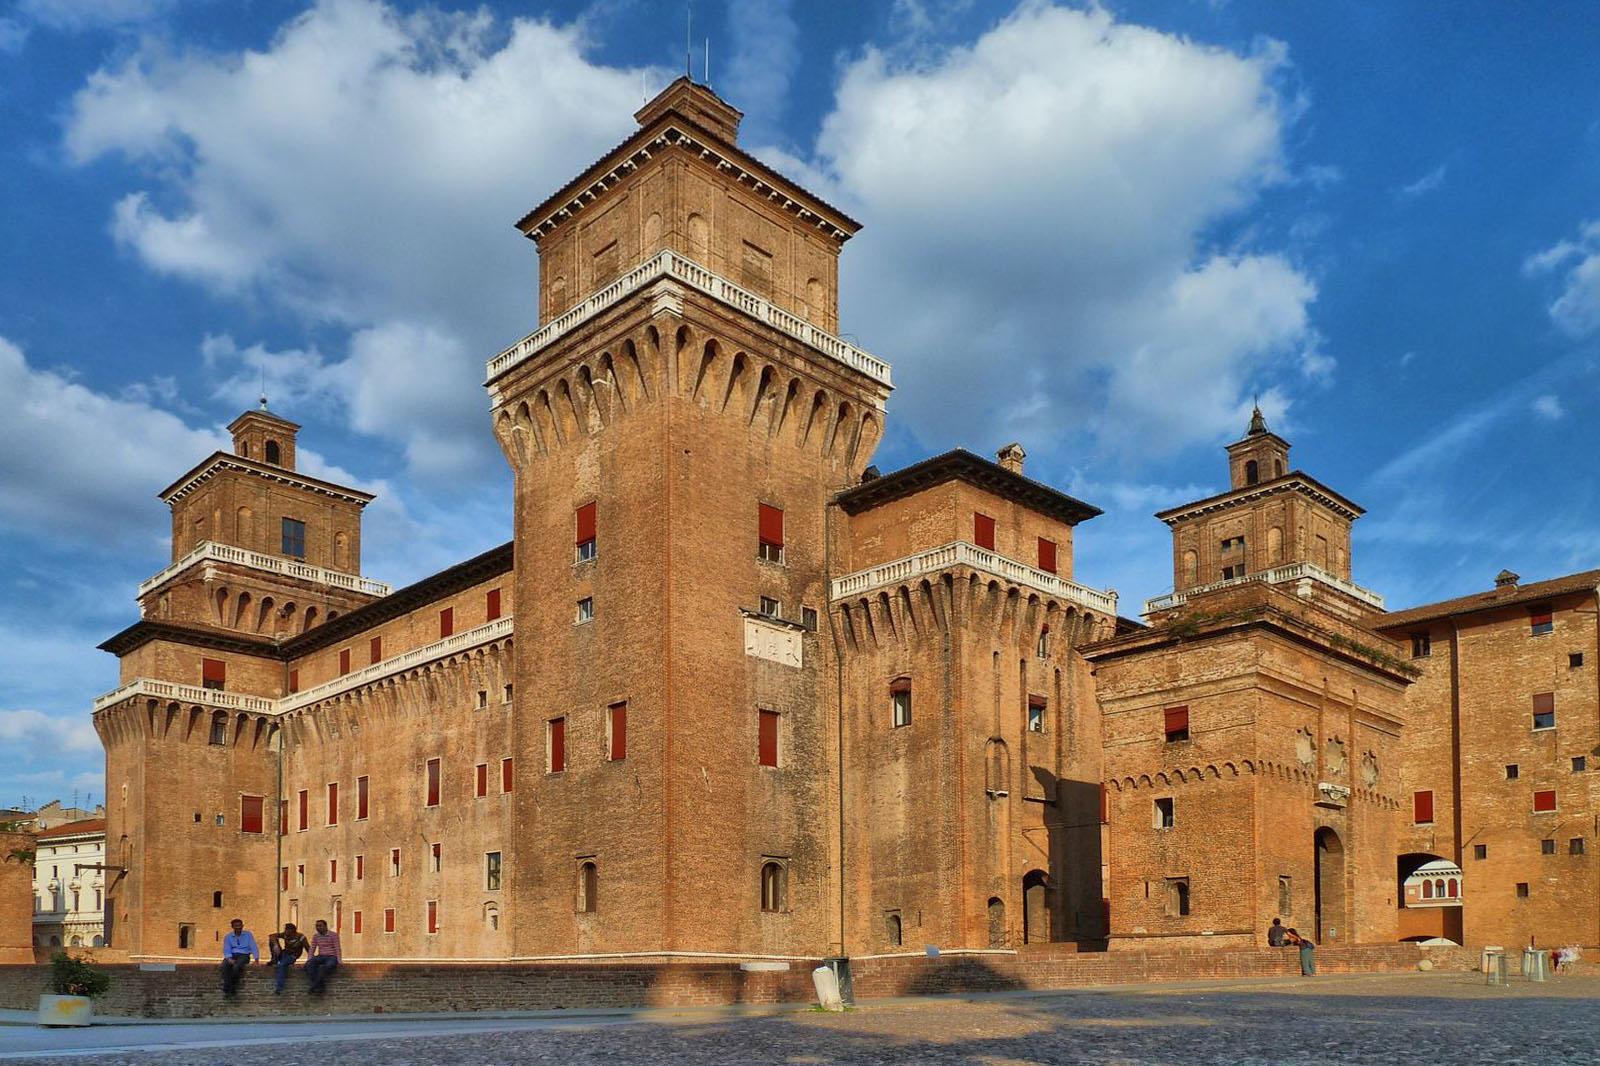 Castell de Ferrara